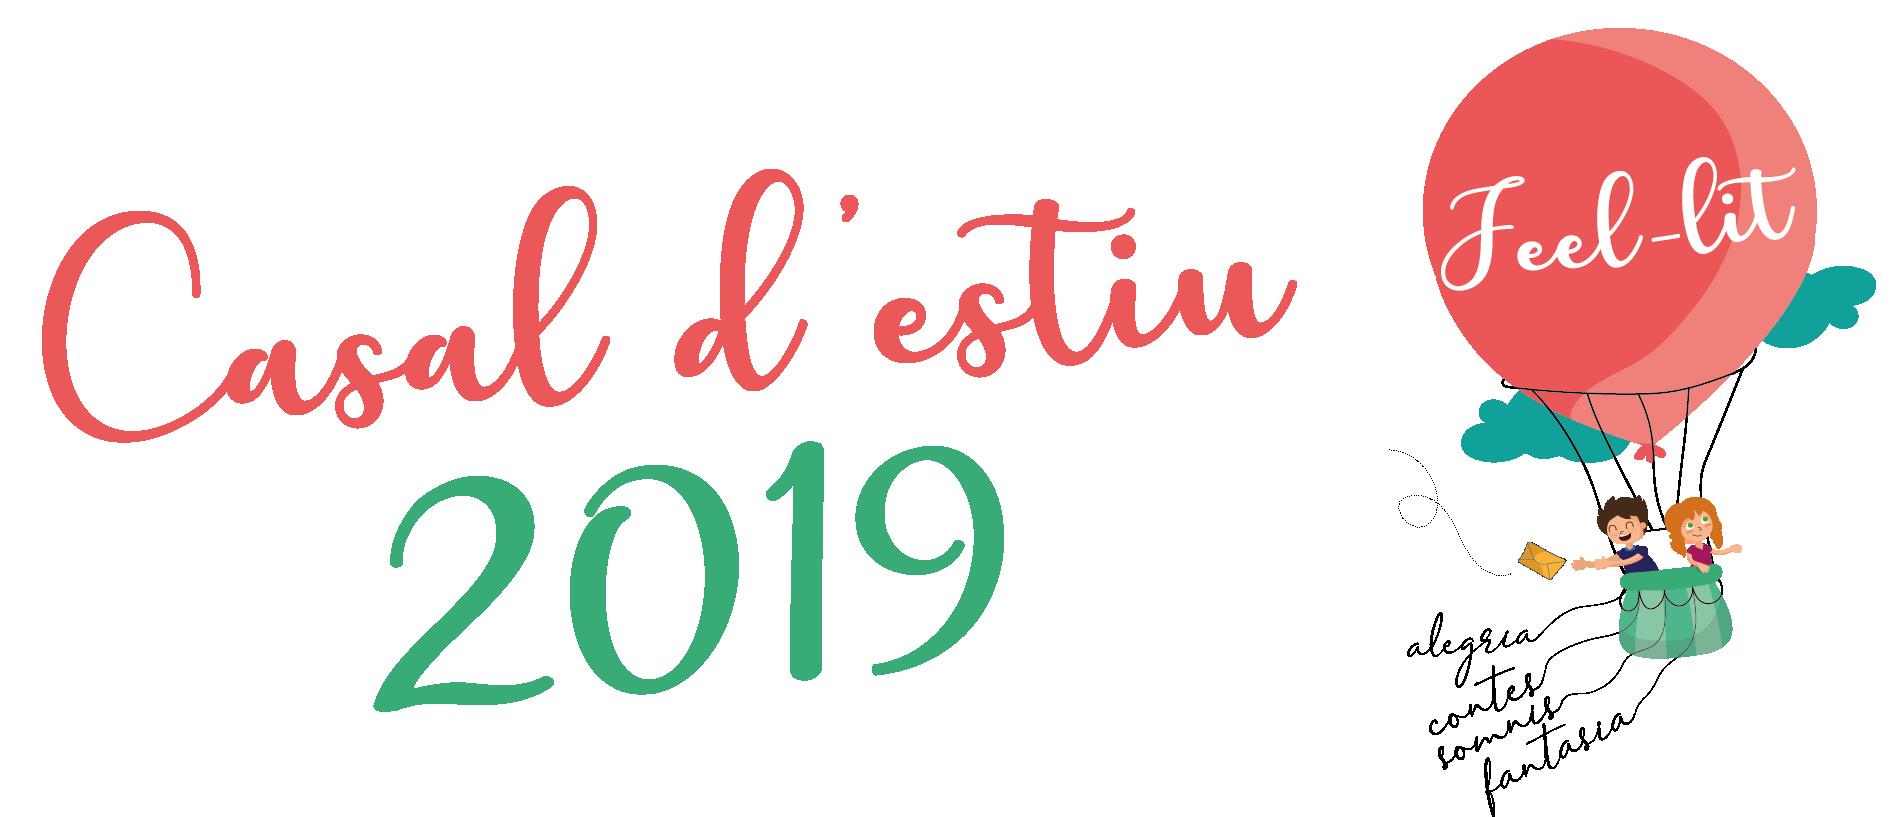 """6a Setmana Casal d'estiu 2019 """"Feel-lit"""""""